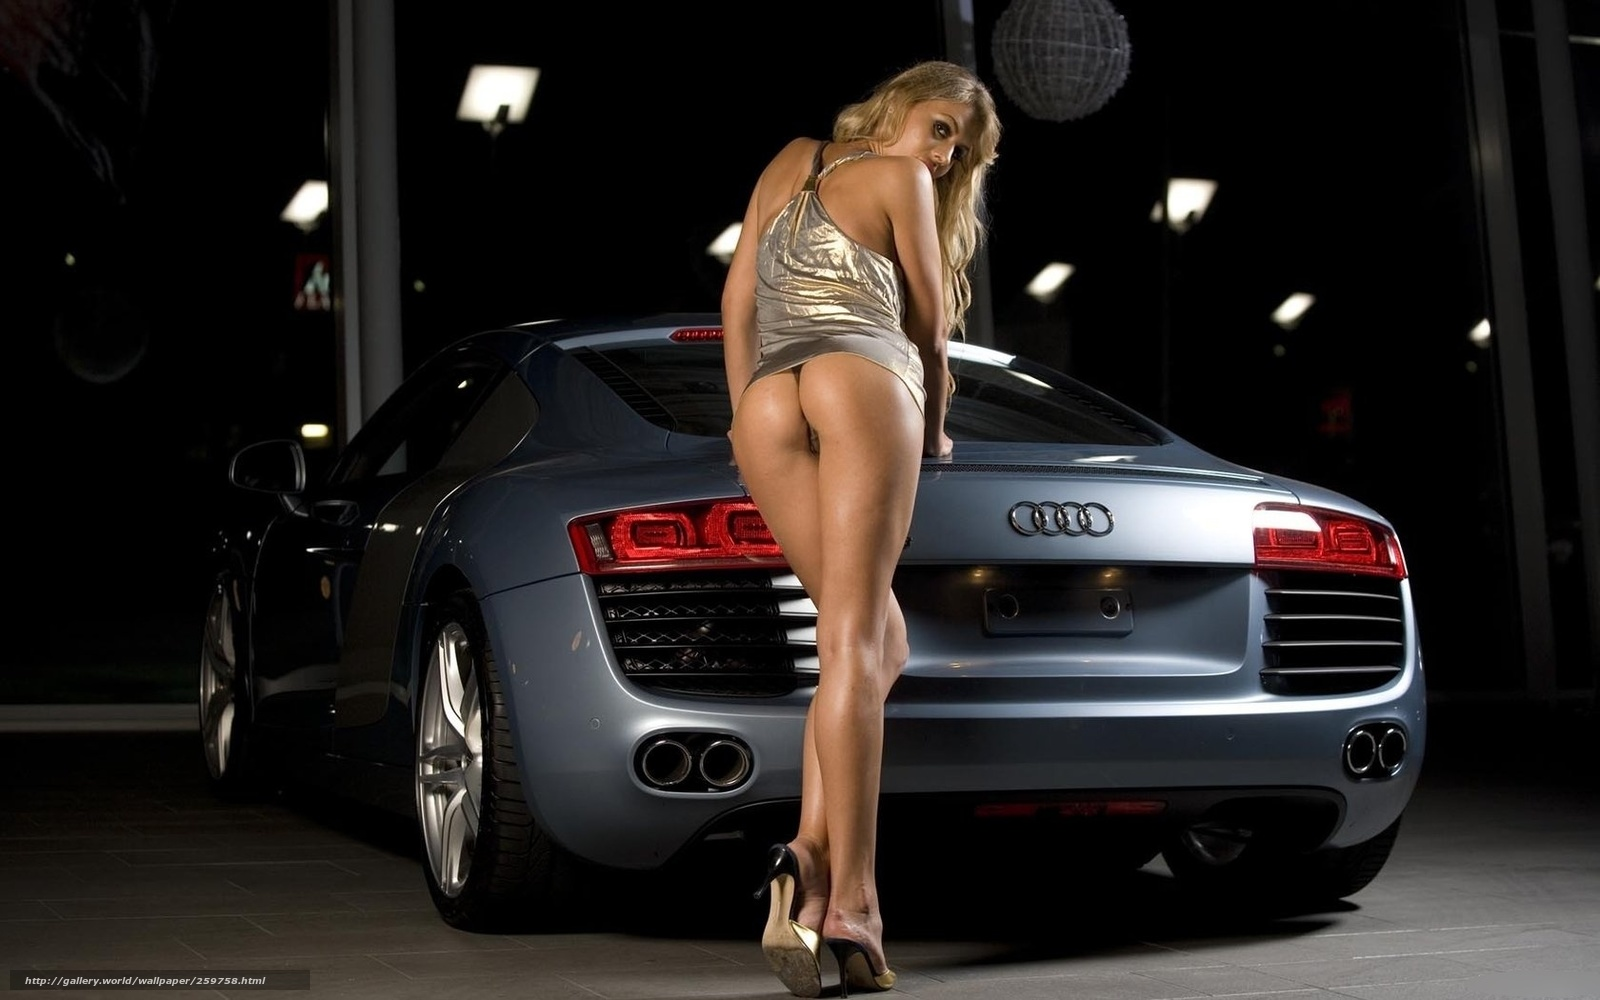 Сексуальные девушки и красивые автомобили hd 3 фотография